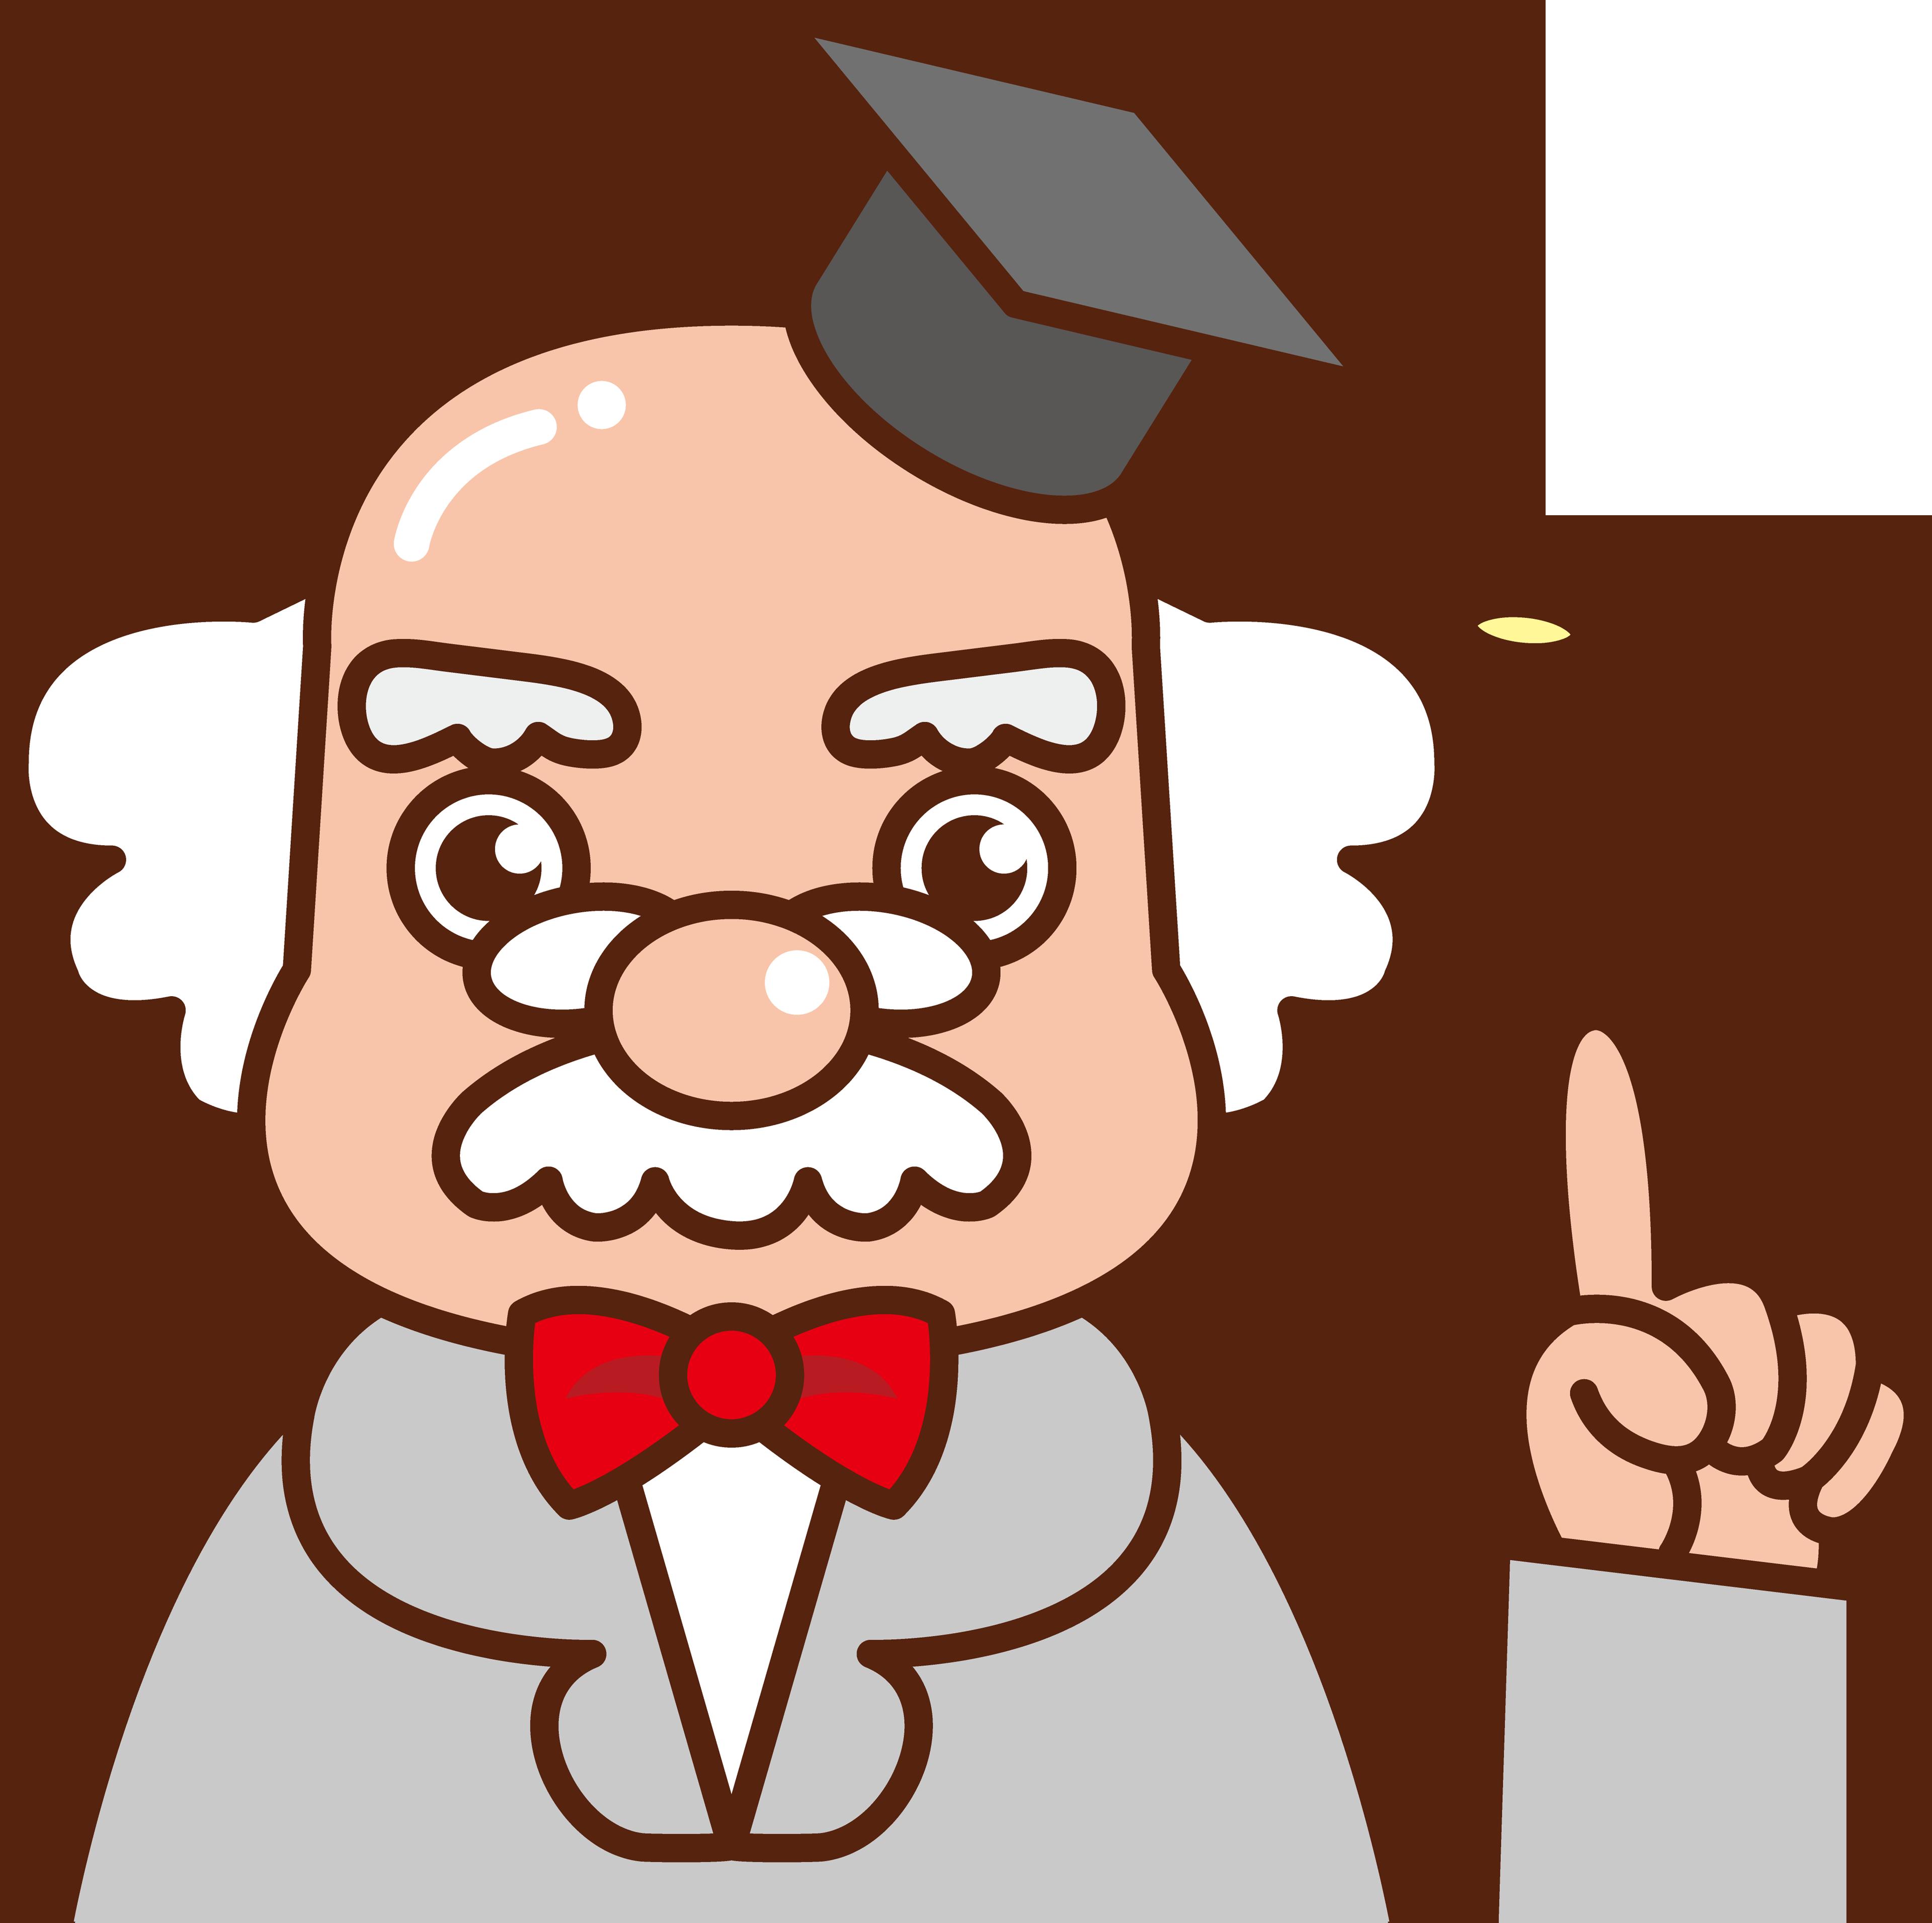 おもしろ雑学学部 講義① 目黒駅は品川区にあり、品川駅は港区にある理由は?他4ネタ